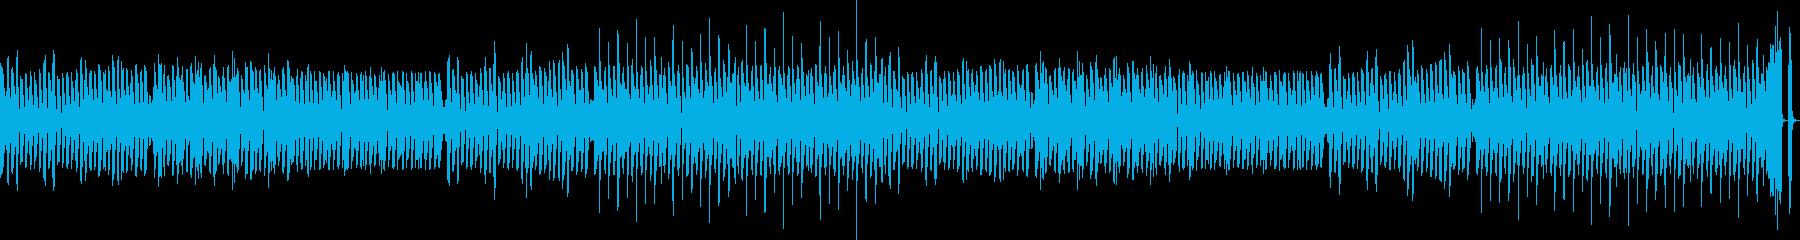 トーク&ゲーム ハッピーアクション155の再生済みの波形